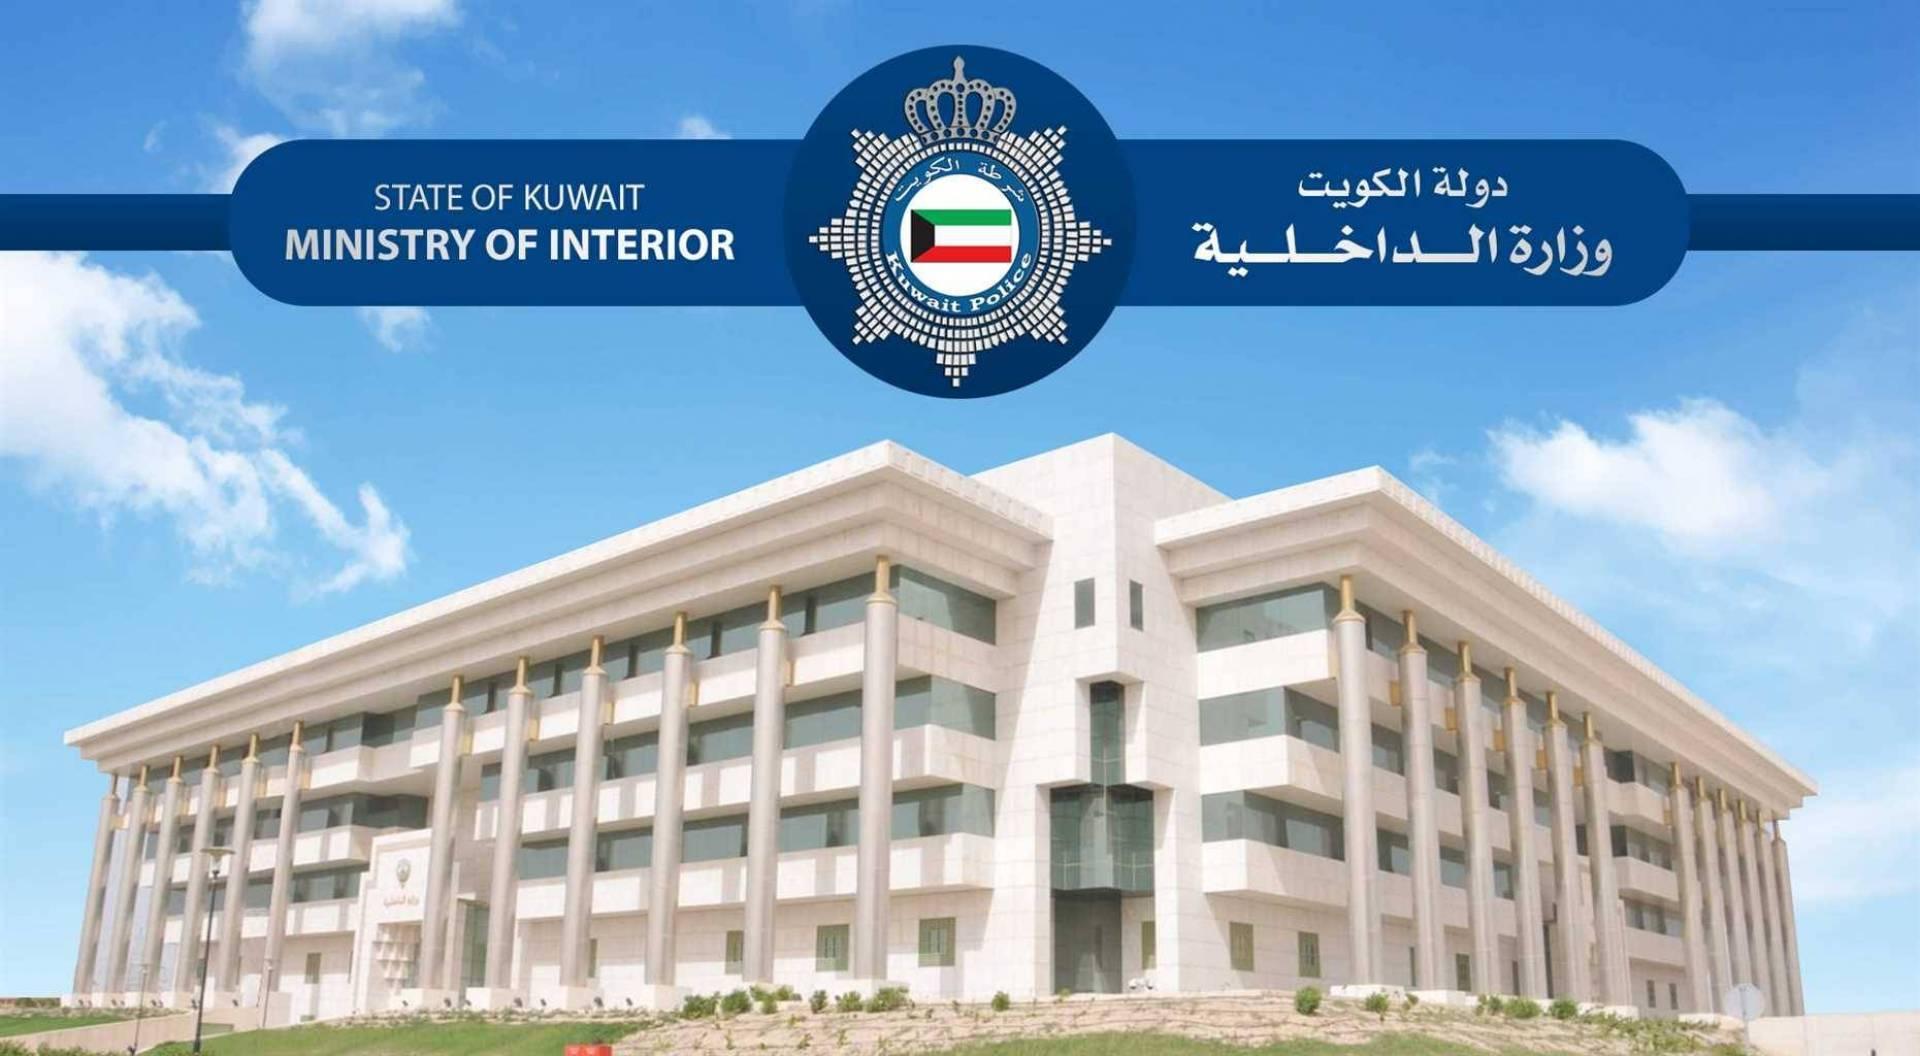 «الداخلية»: عدد المخالفين لقرار حظر التجول أمس بلغ 15 شخصاً